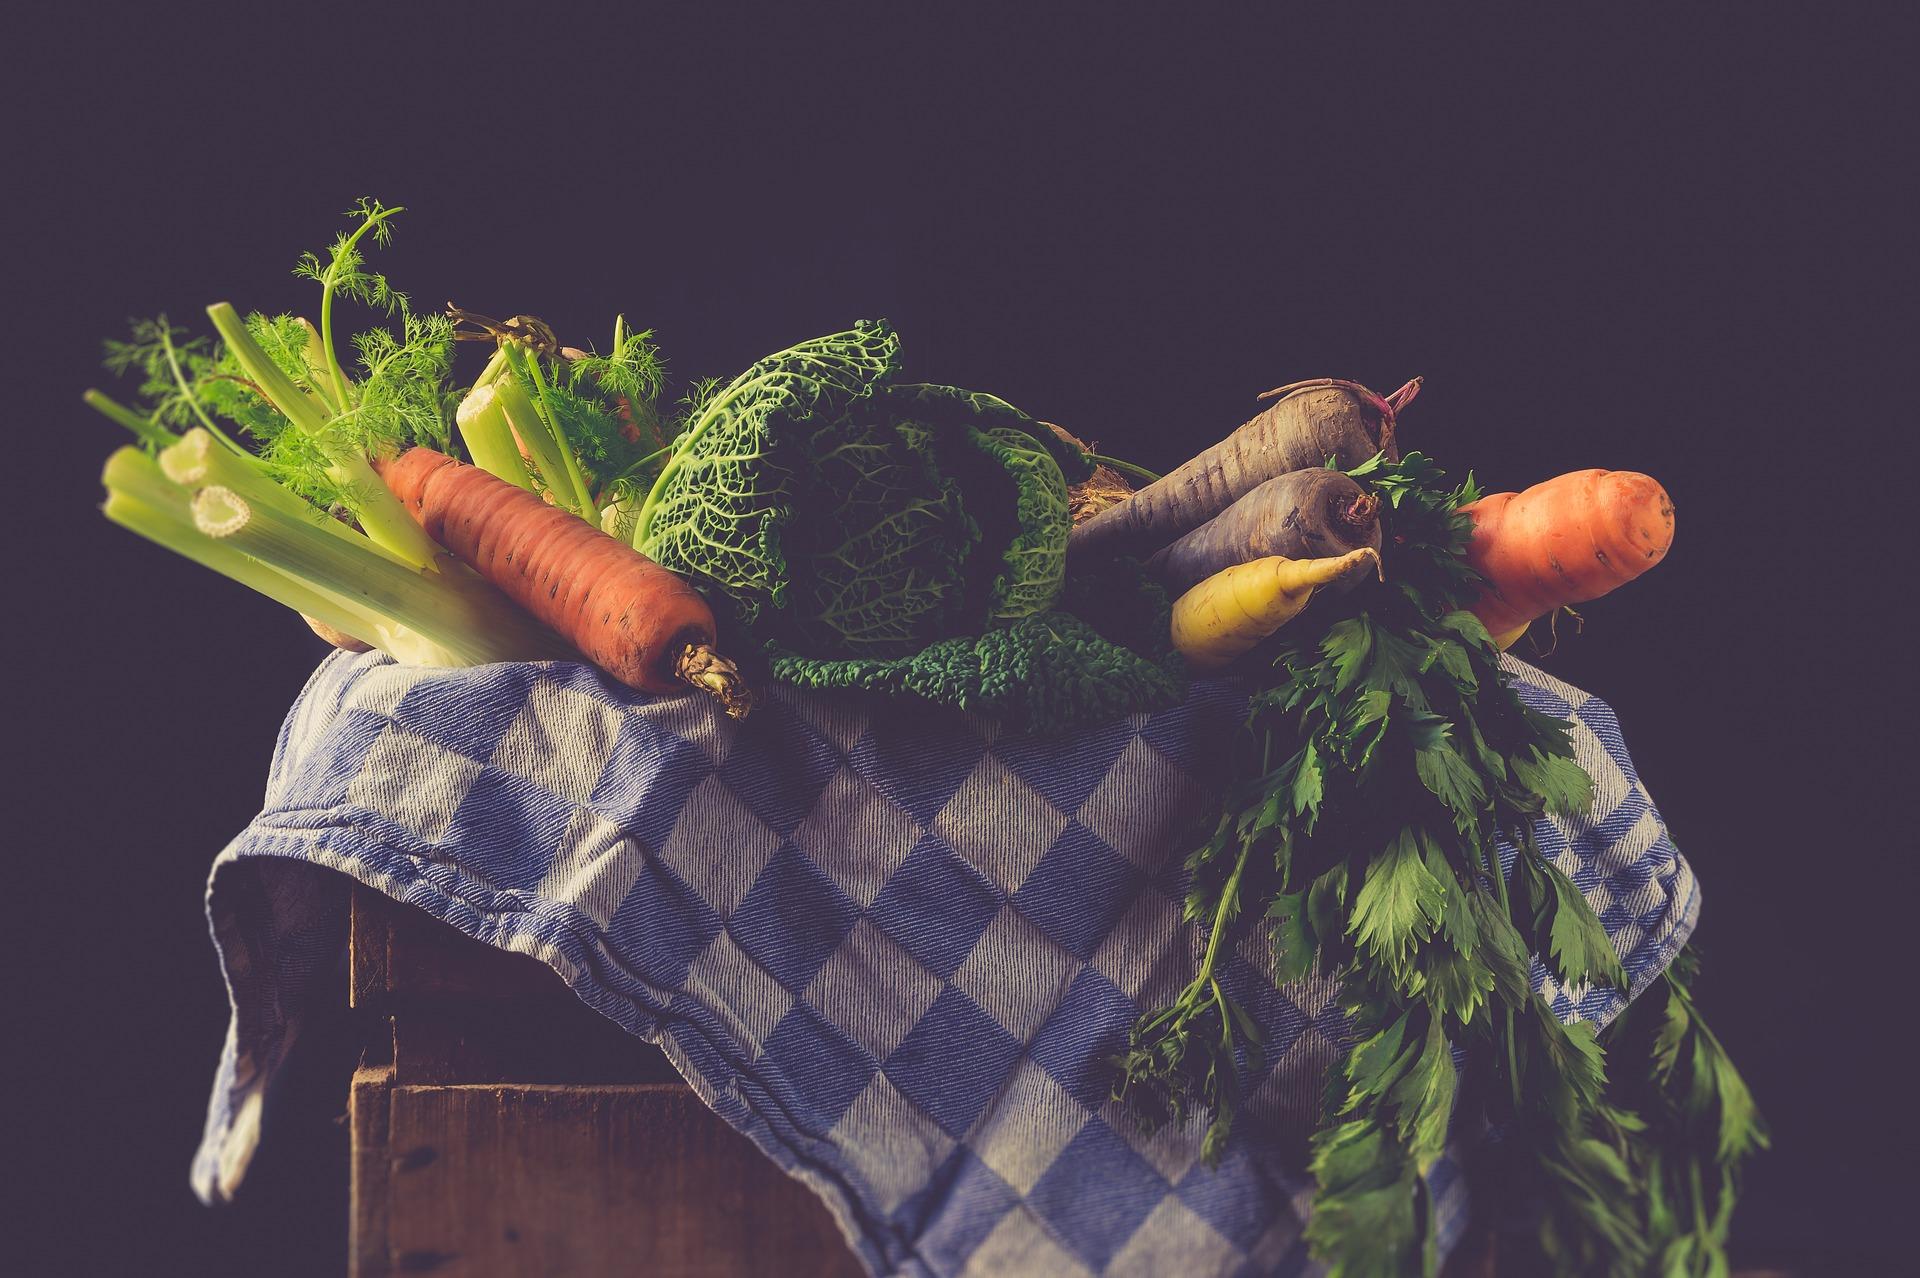 vegetables-2924239_1920